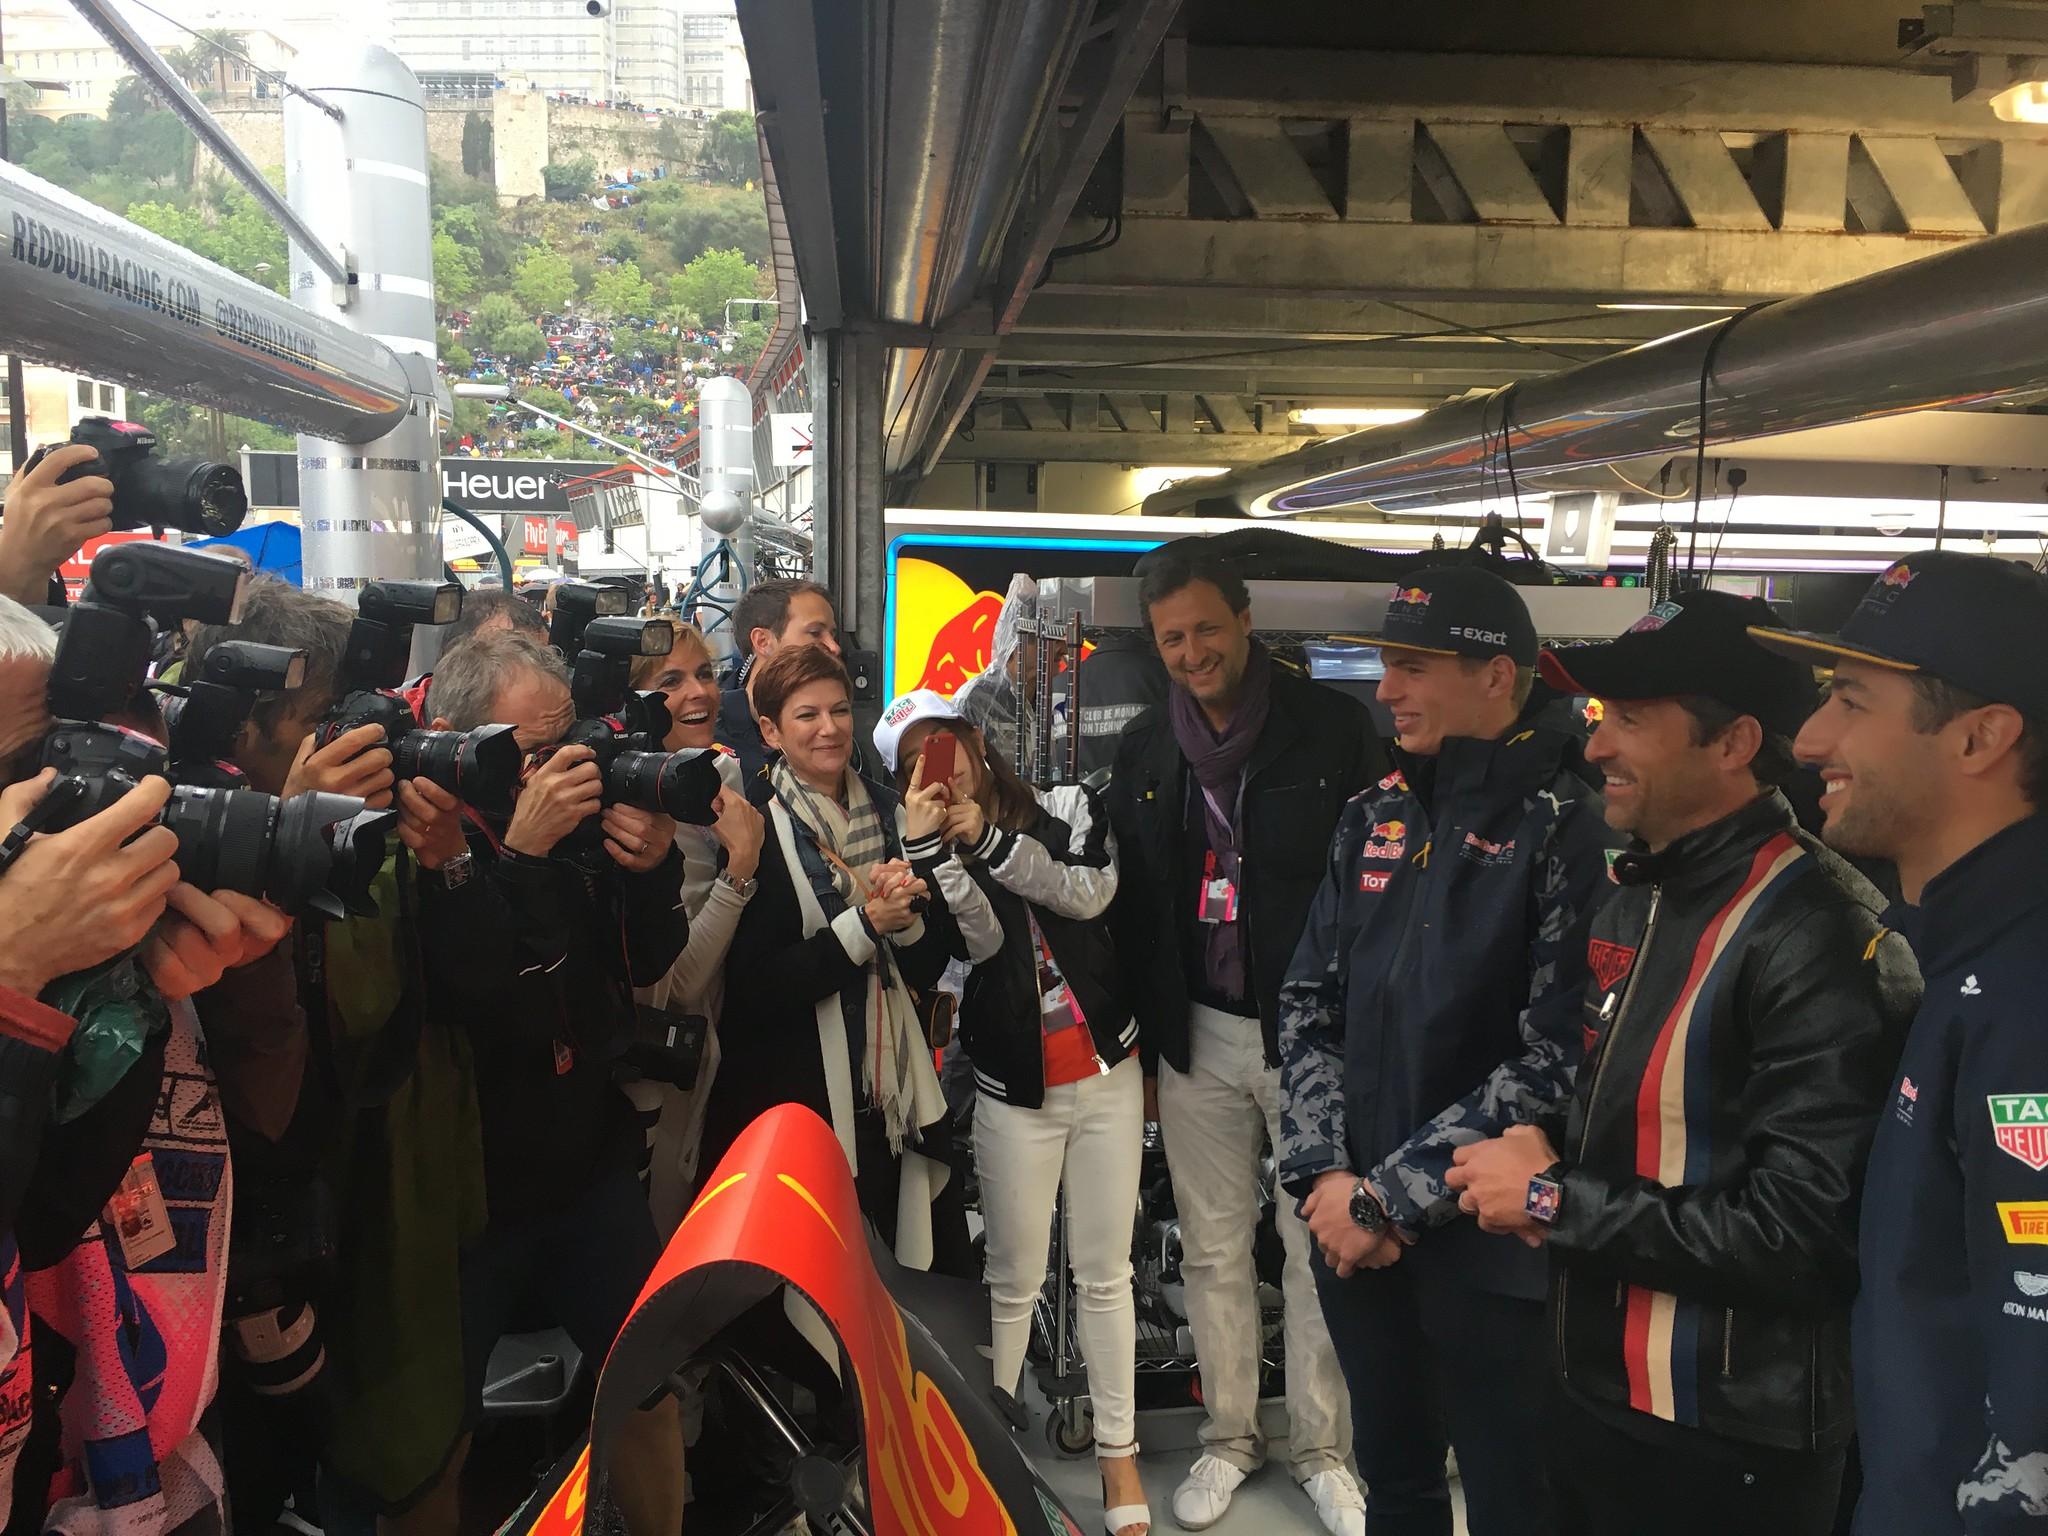 Max Verstappen, Daniel Ricciardo and Patrick Dempsey before the race in Monaco